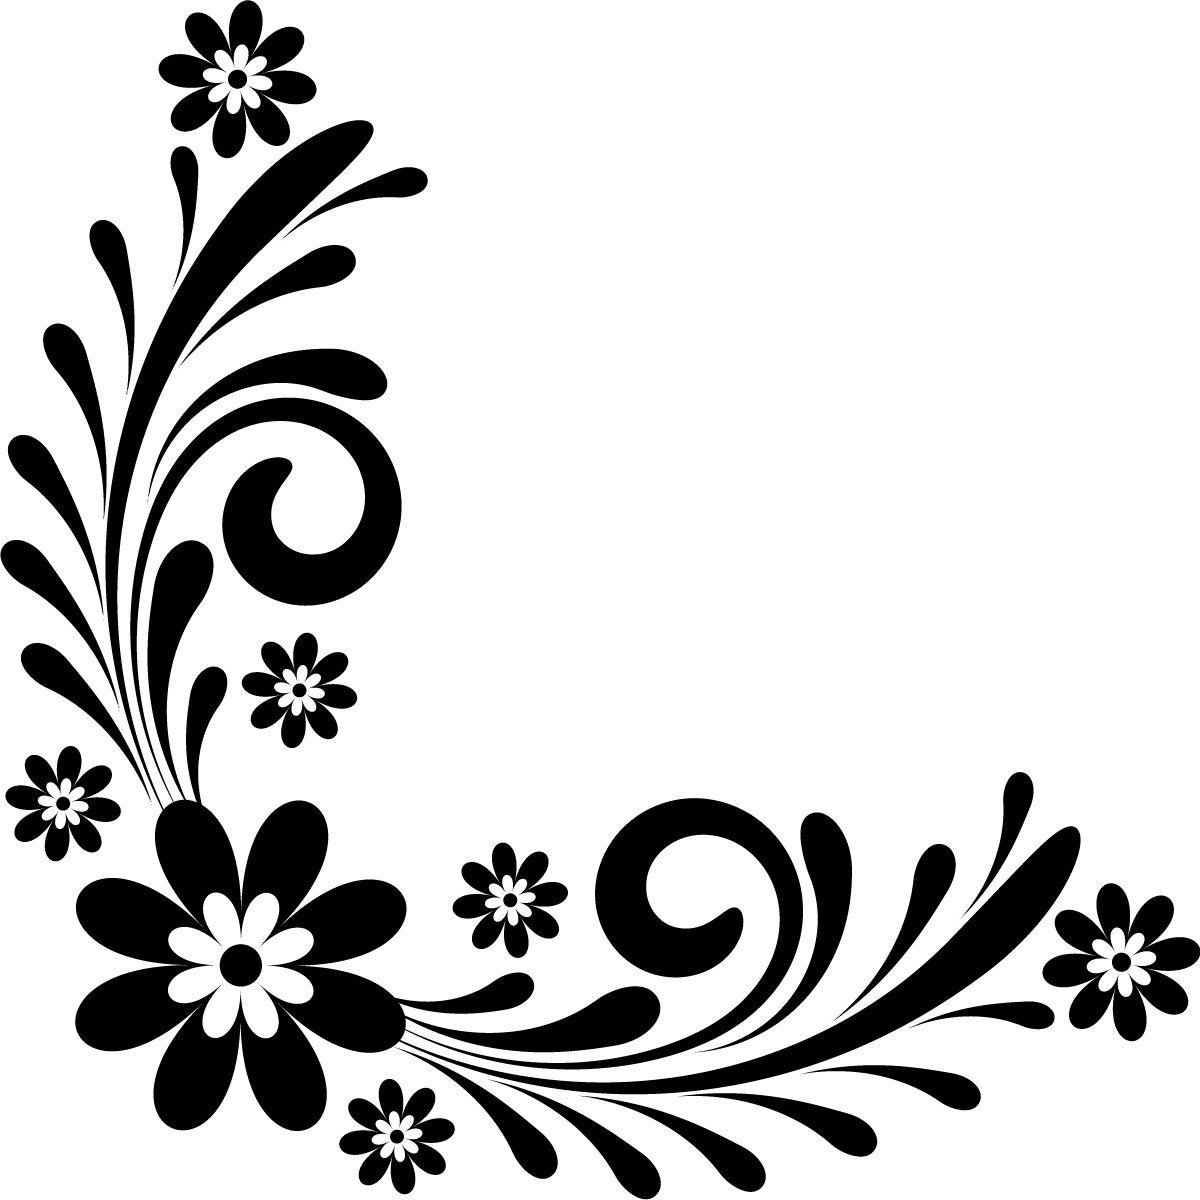 black and white corner design interioruk2 ideas for